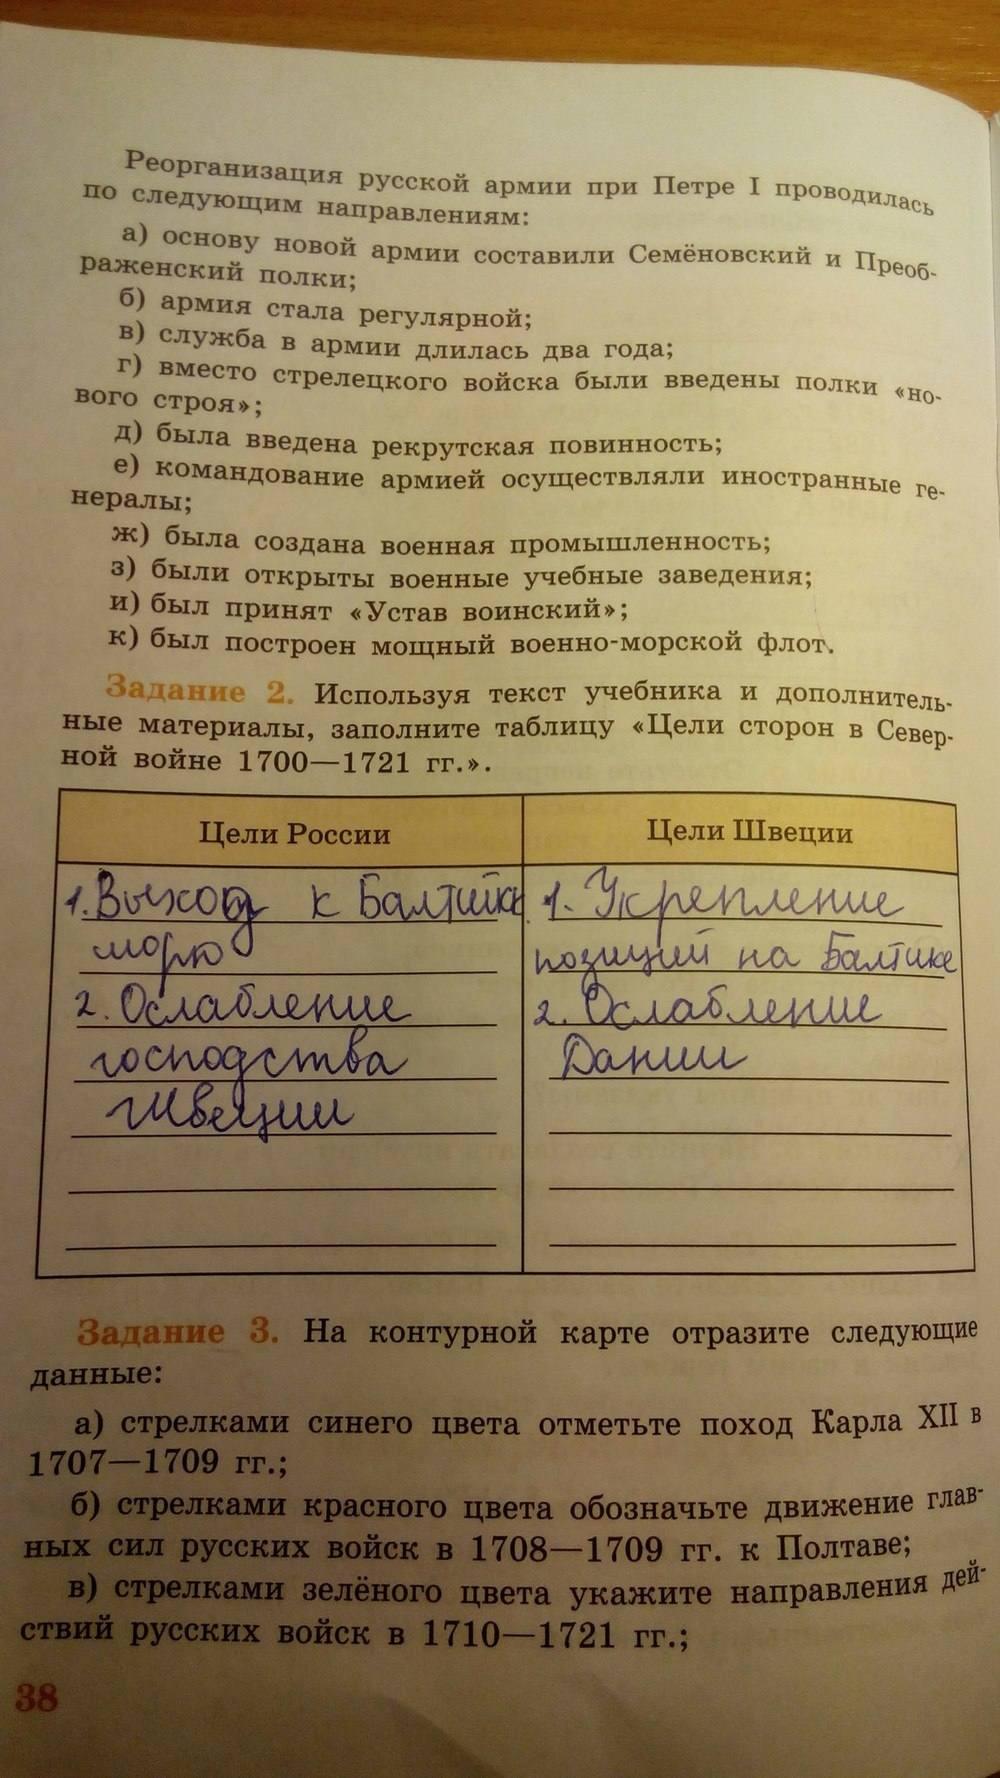 Гдз К Рабочей Тетради По Истории 7 Класс Данилов И Косулина